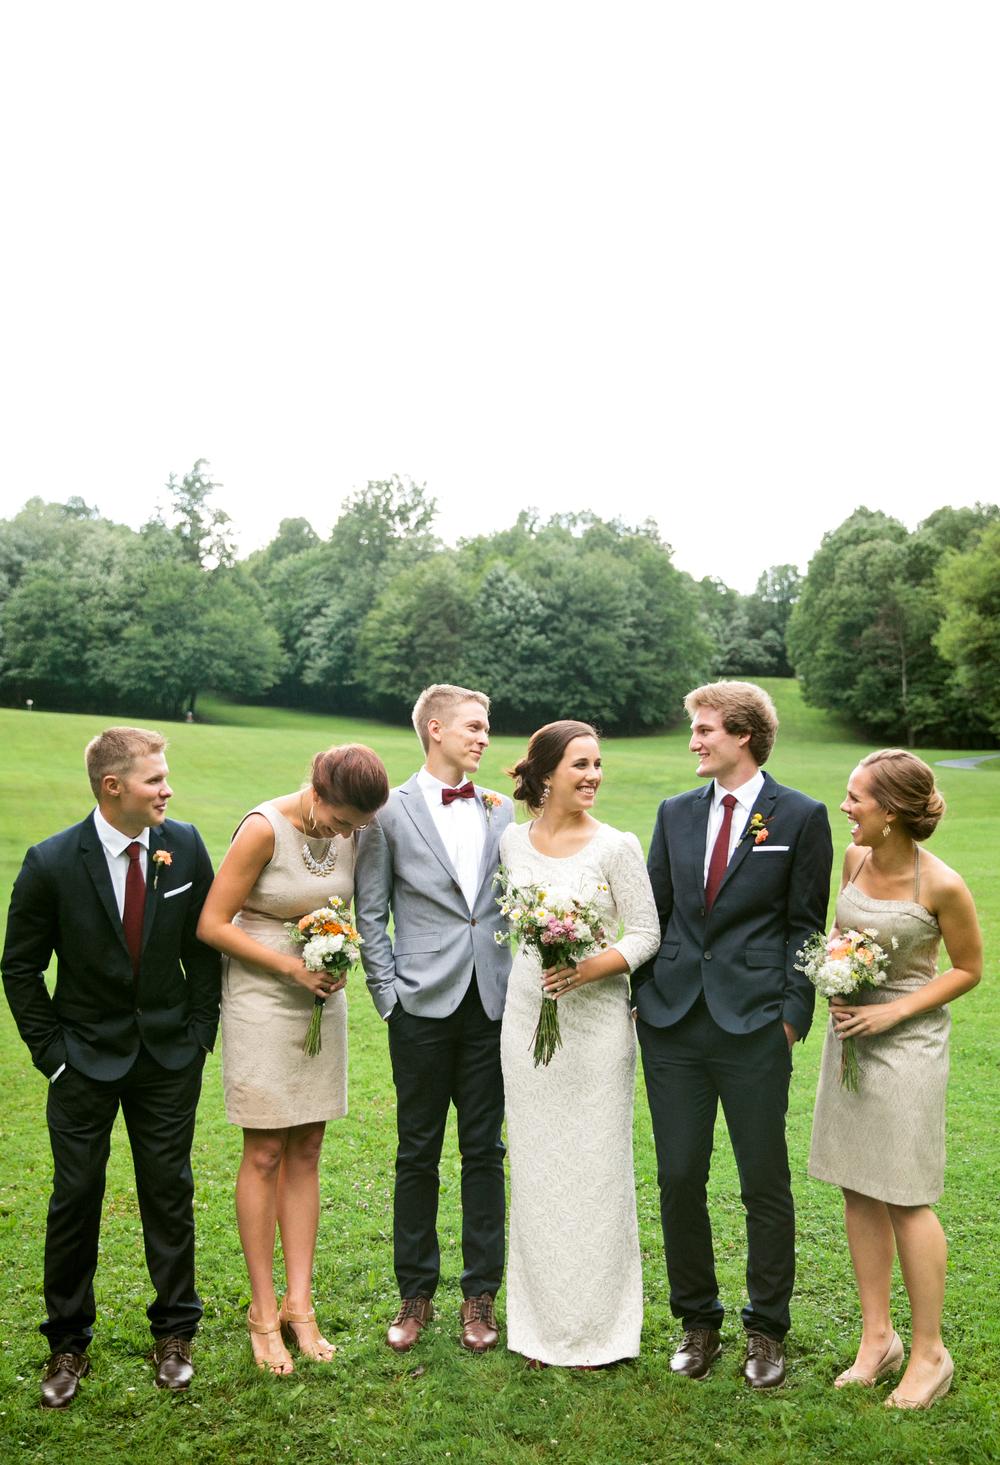 devon_julie_indiana_wedding_blog-69.jpg